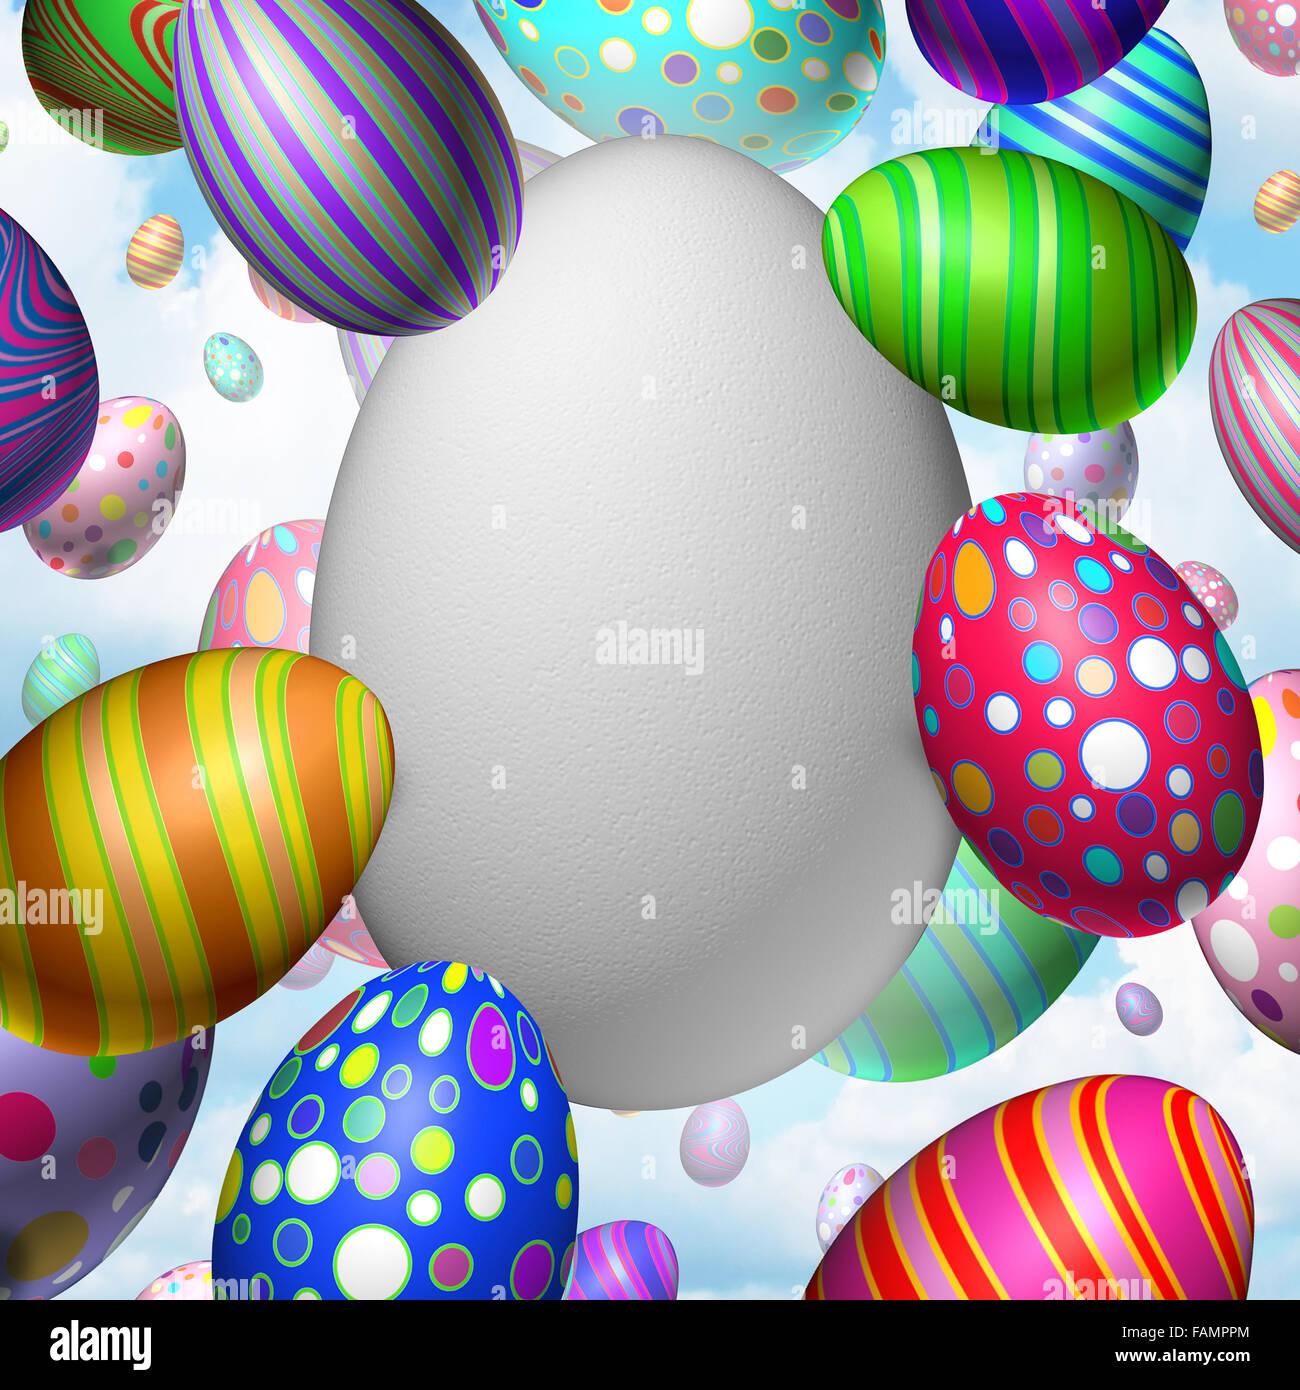 La celebración de la Pascua huevo blanco concepto como un grupo de voladores huevos decorados con un gran huevo Imagen De Stock